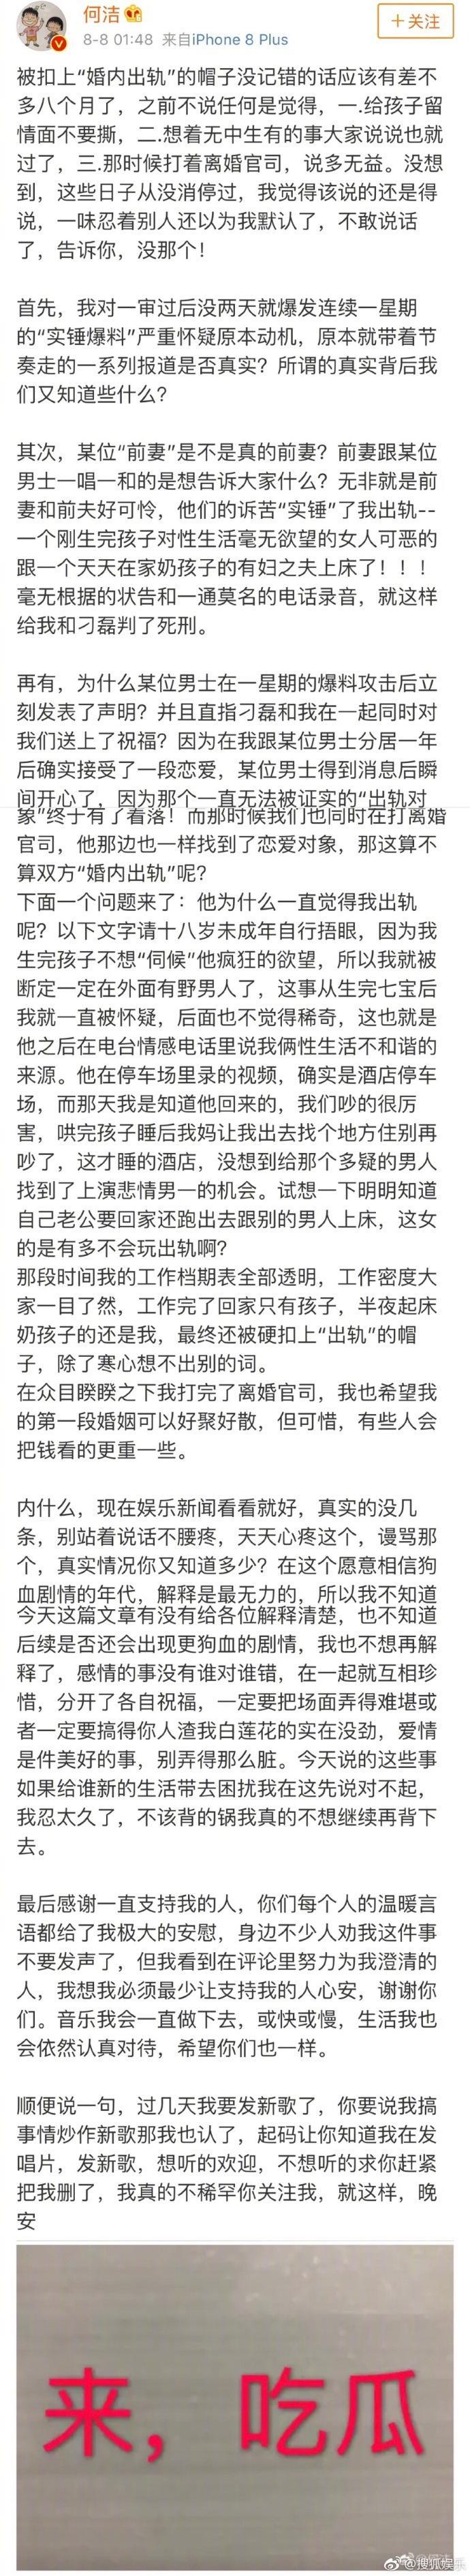 赫子铭方回应何洁的爆料,网友希望两人能够和平解决